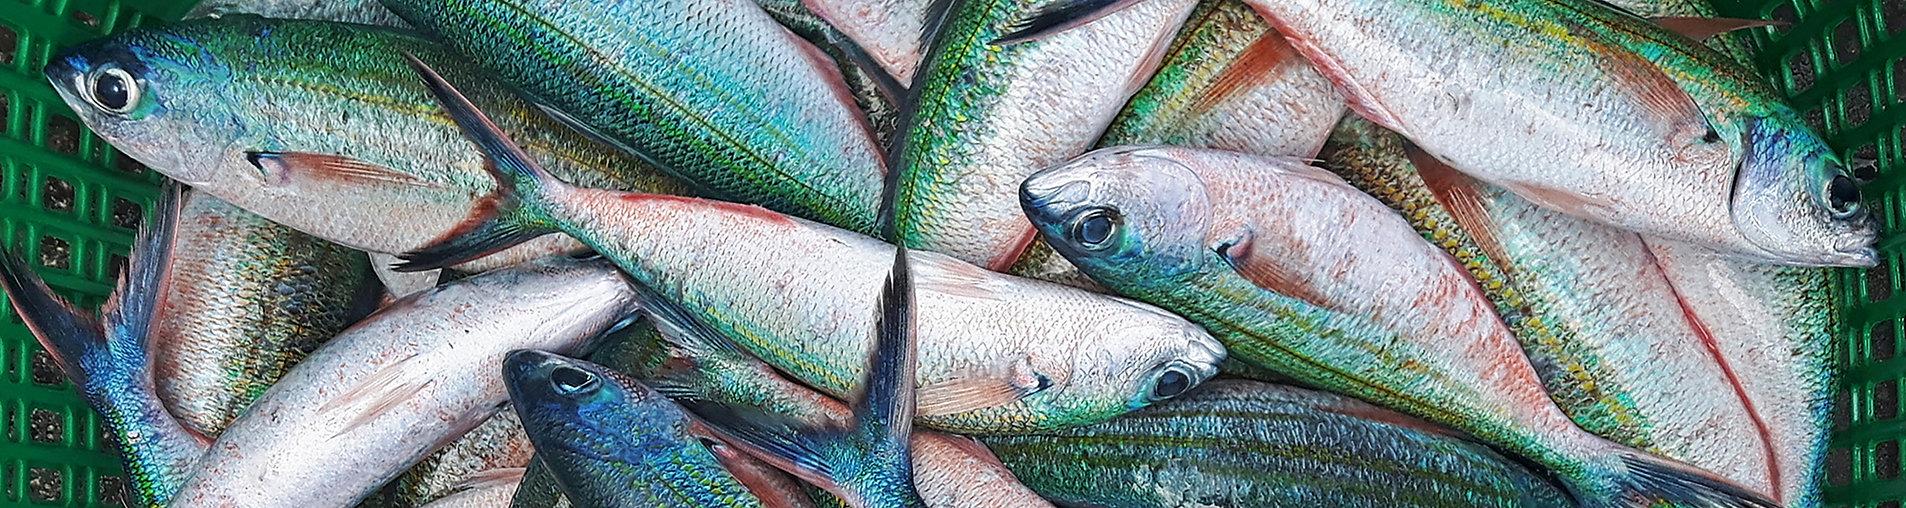 Rybyště, Rybí tržiště, trh s čerstvými rybami